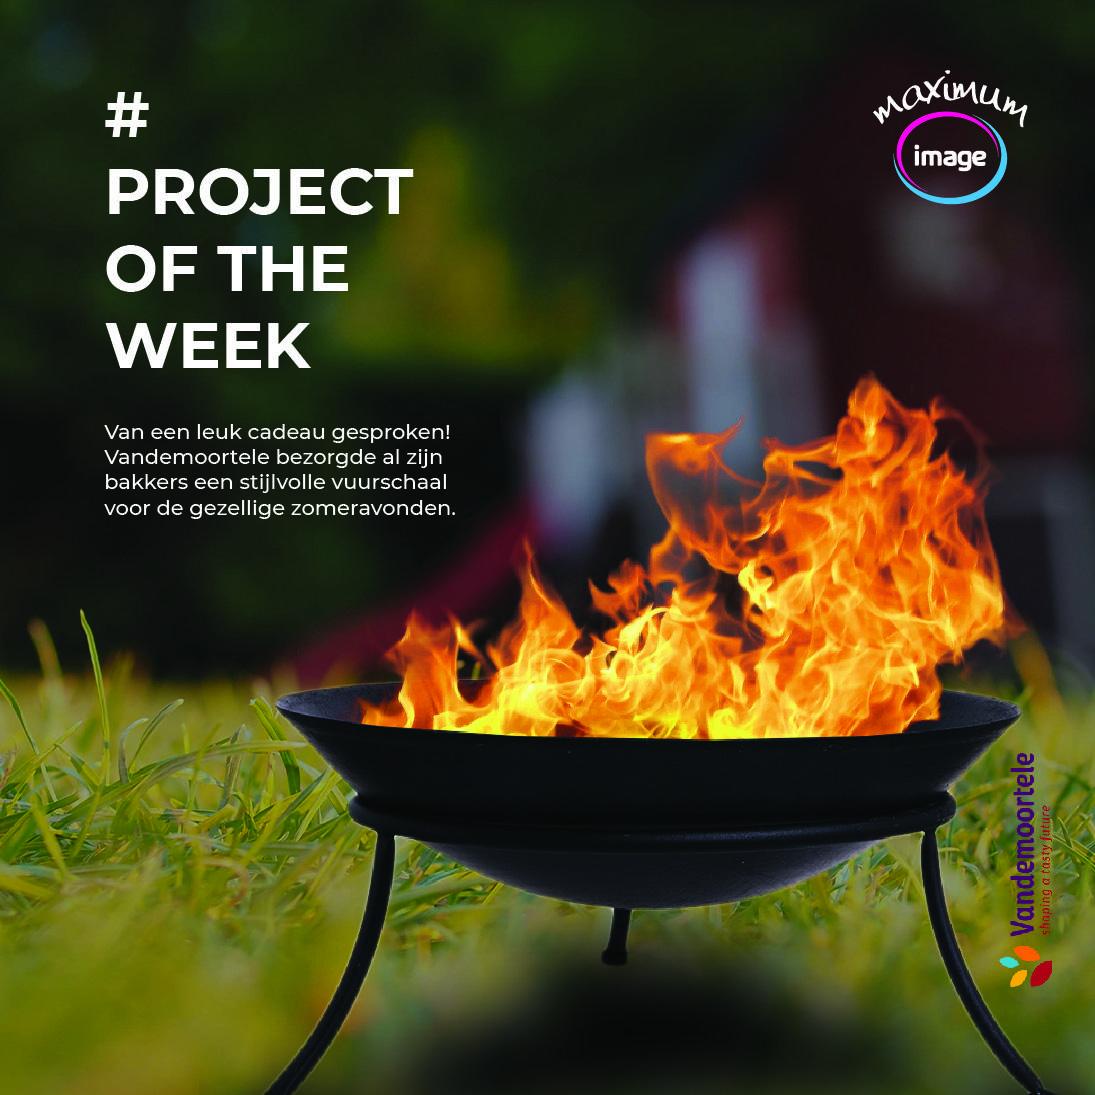 #ProjectOfTheWeek 12